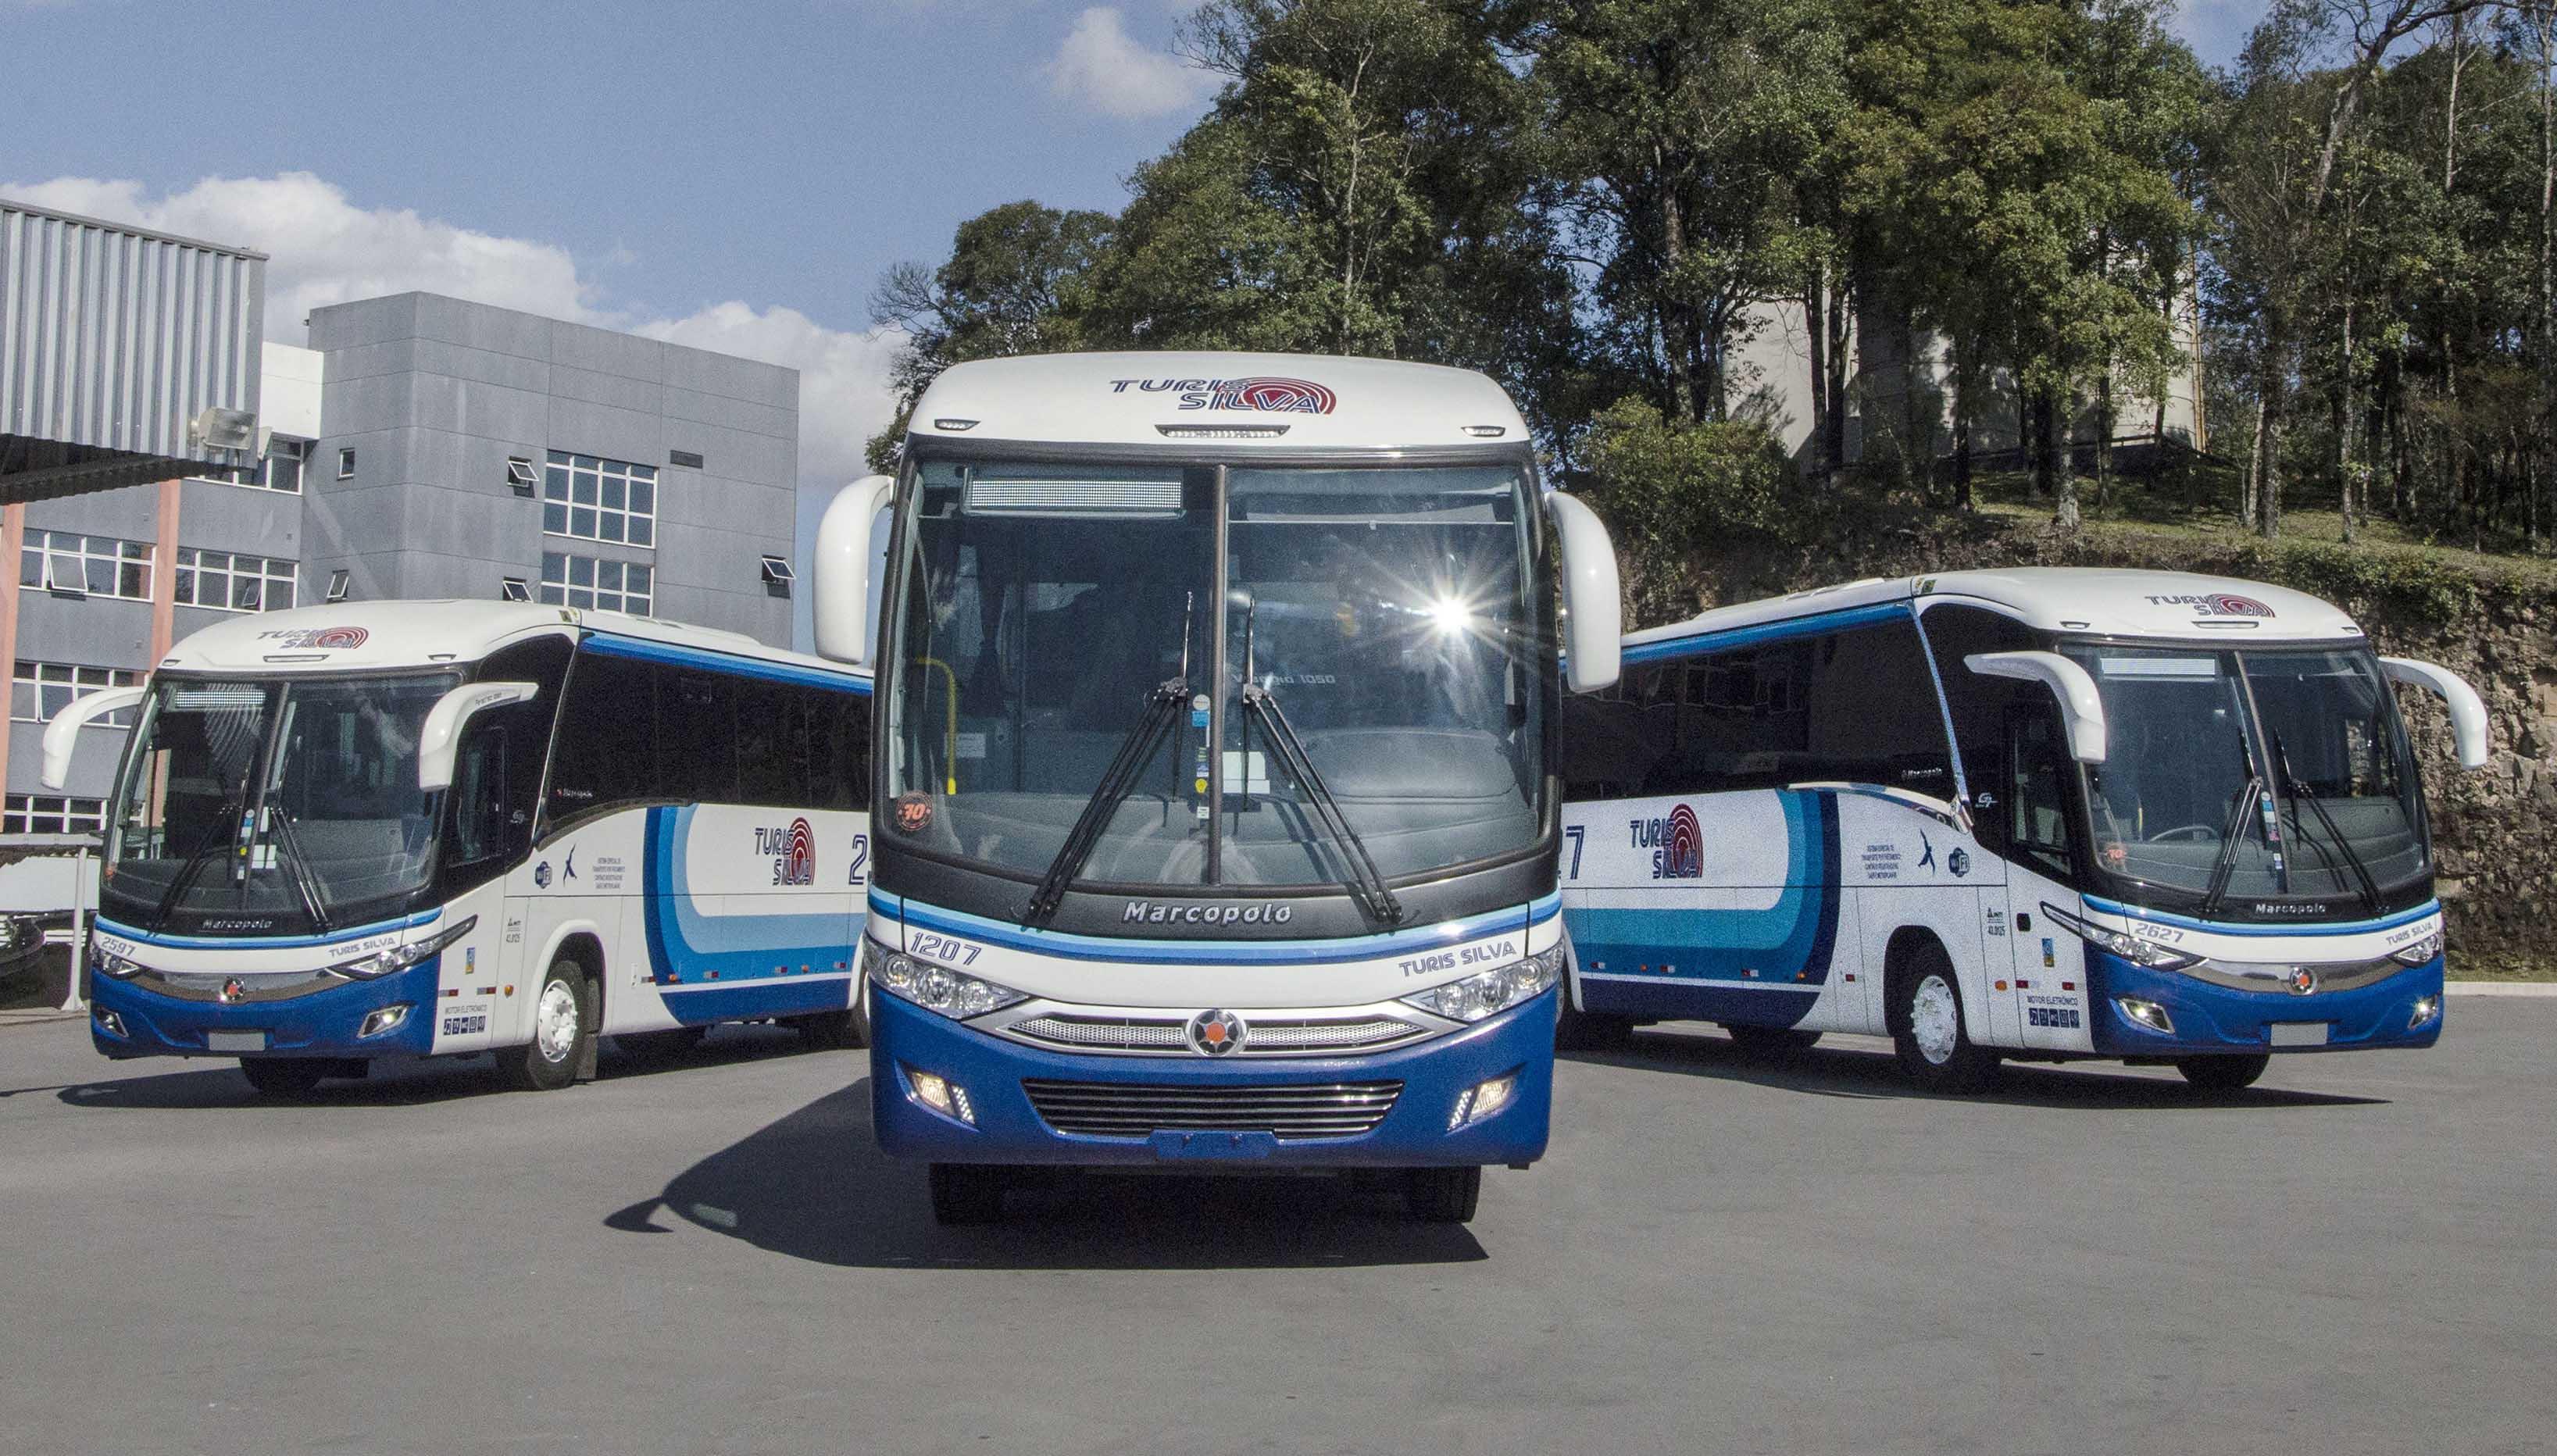 Turis Silva Ônibus